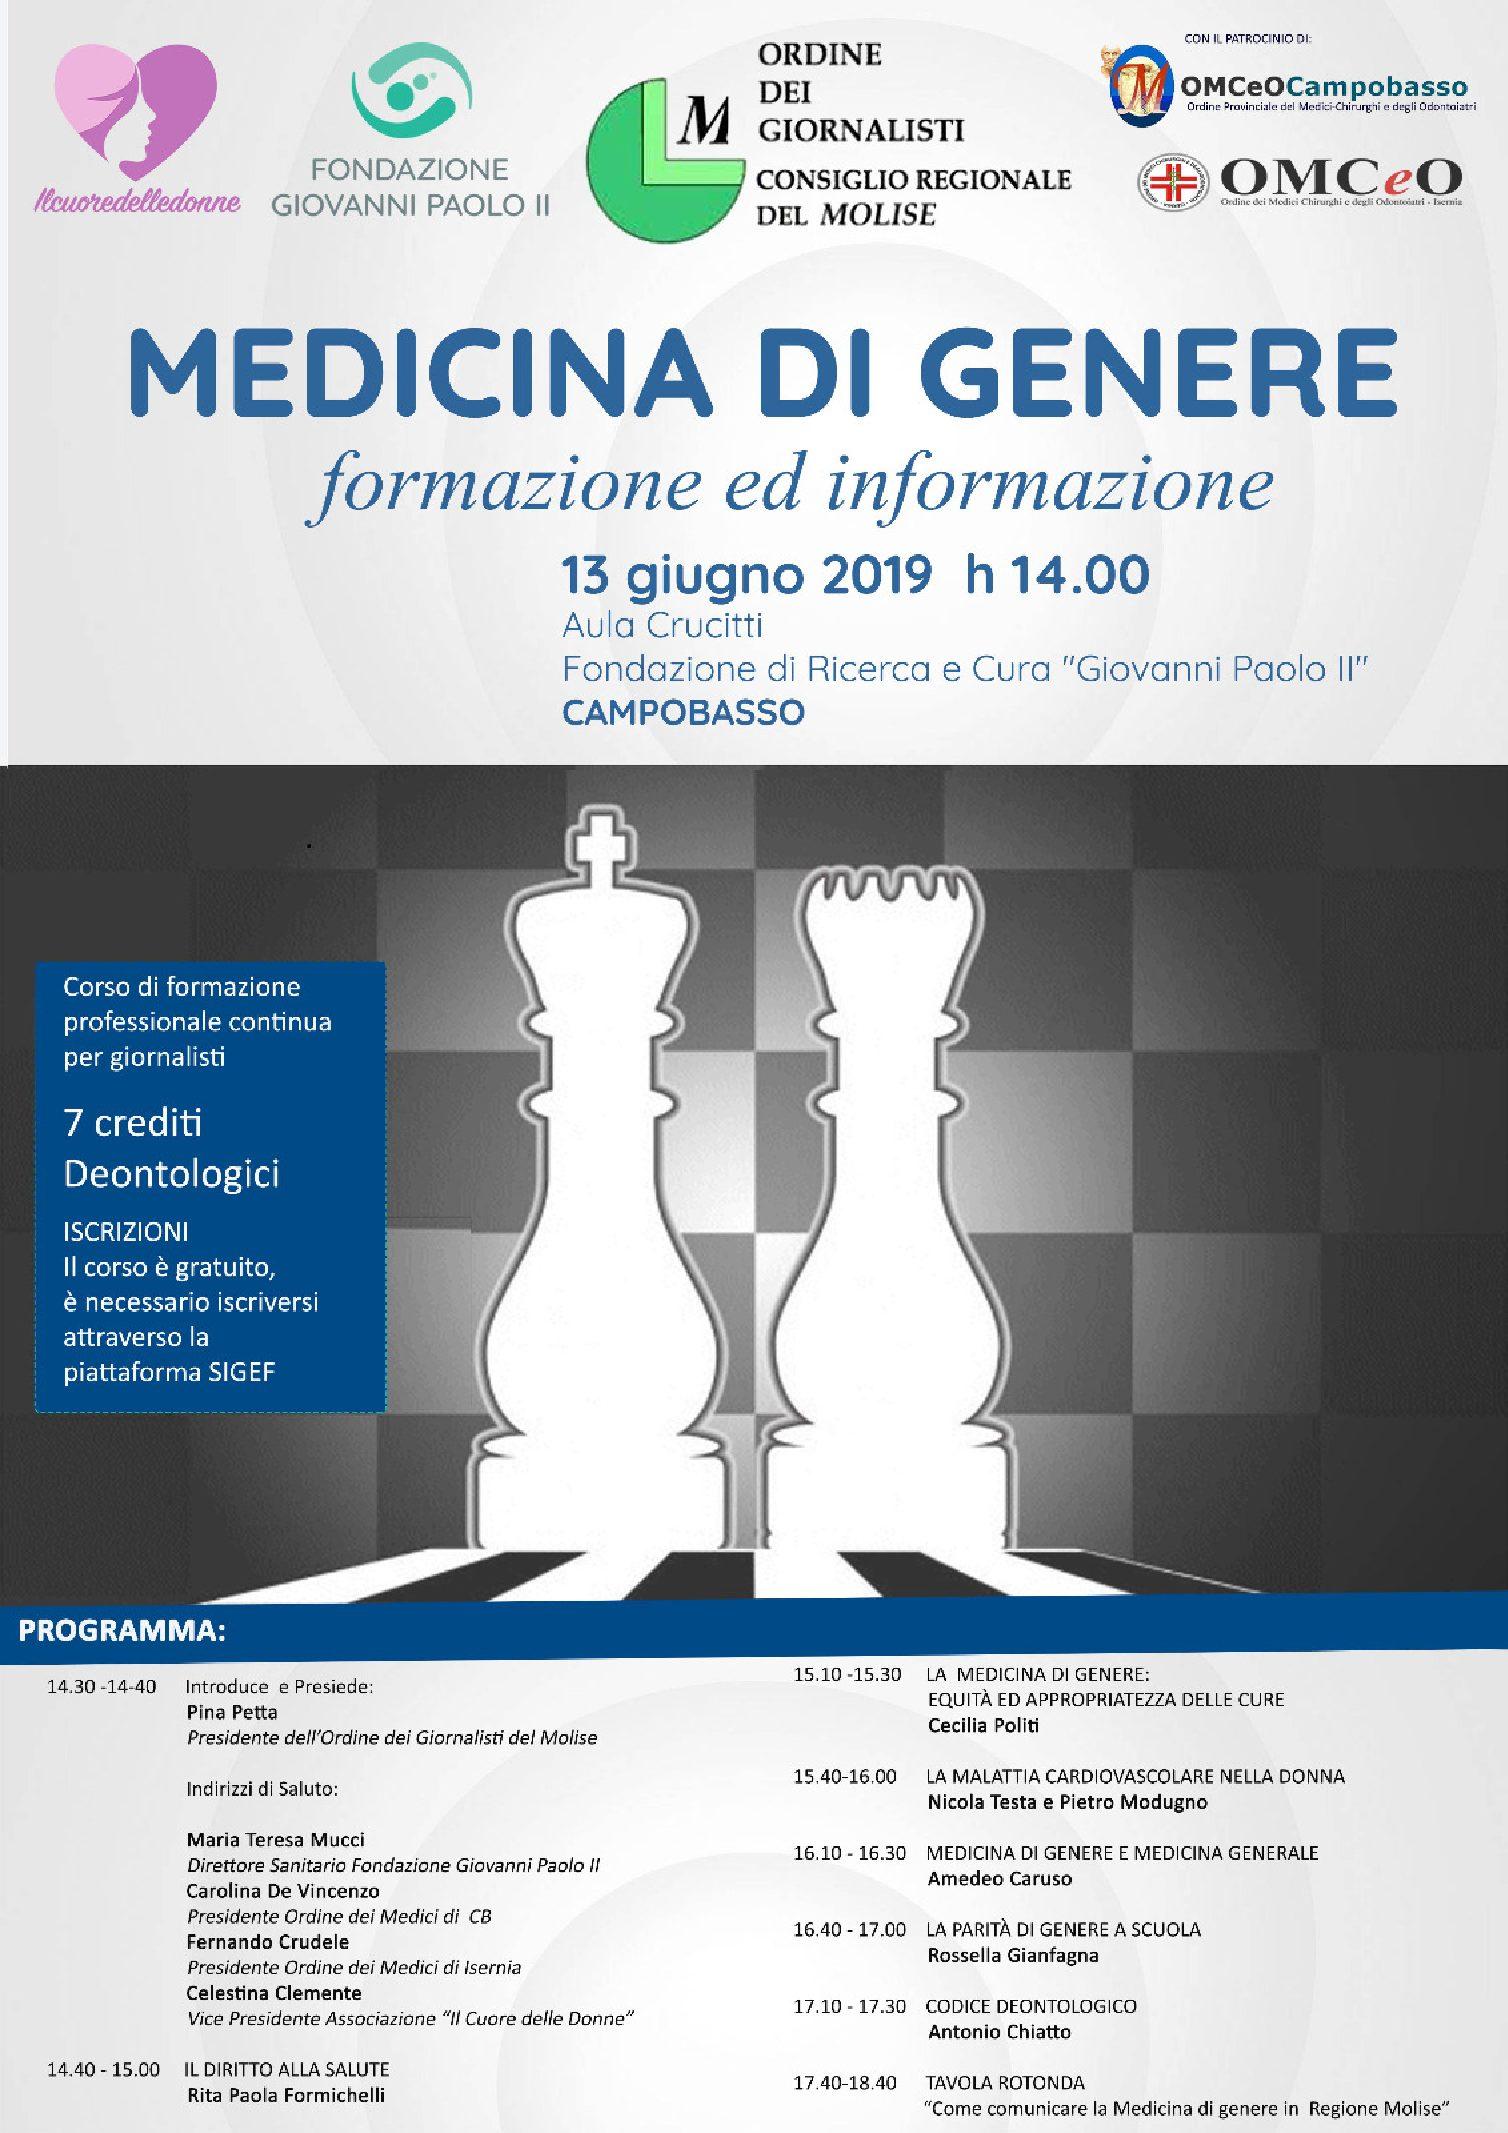 Medicina di Genere formazione e informazione